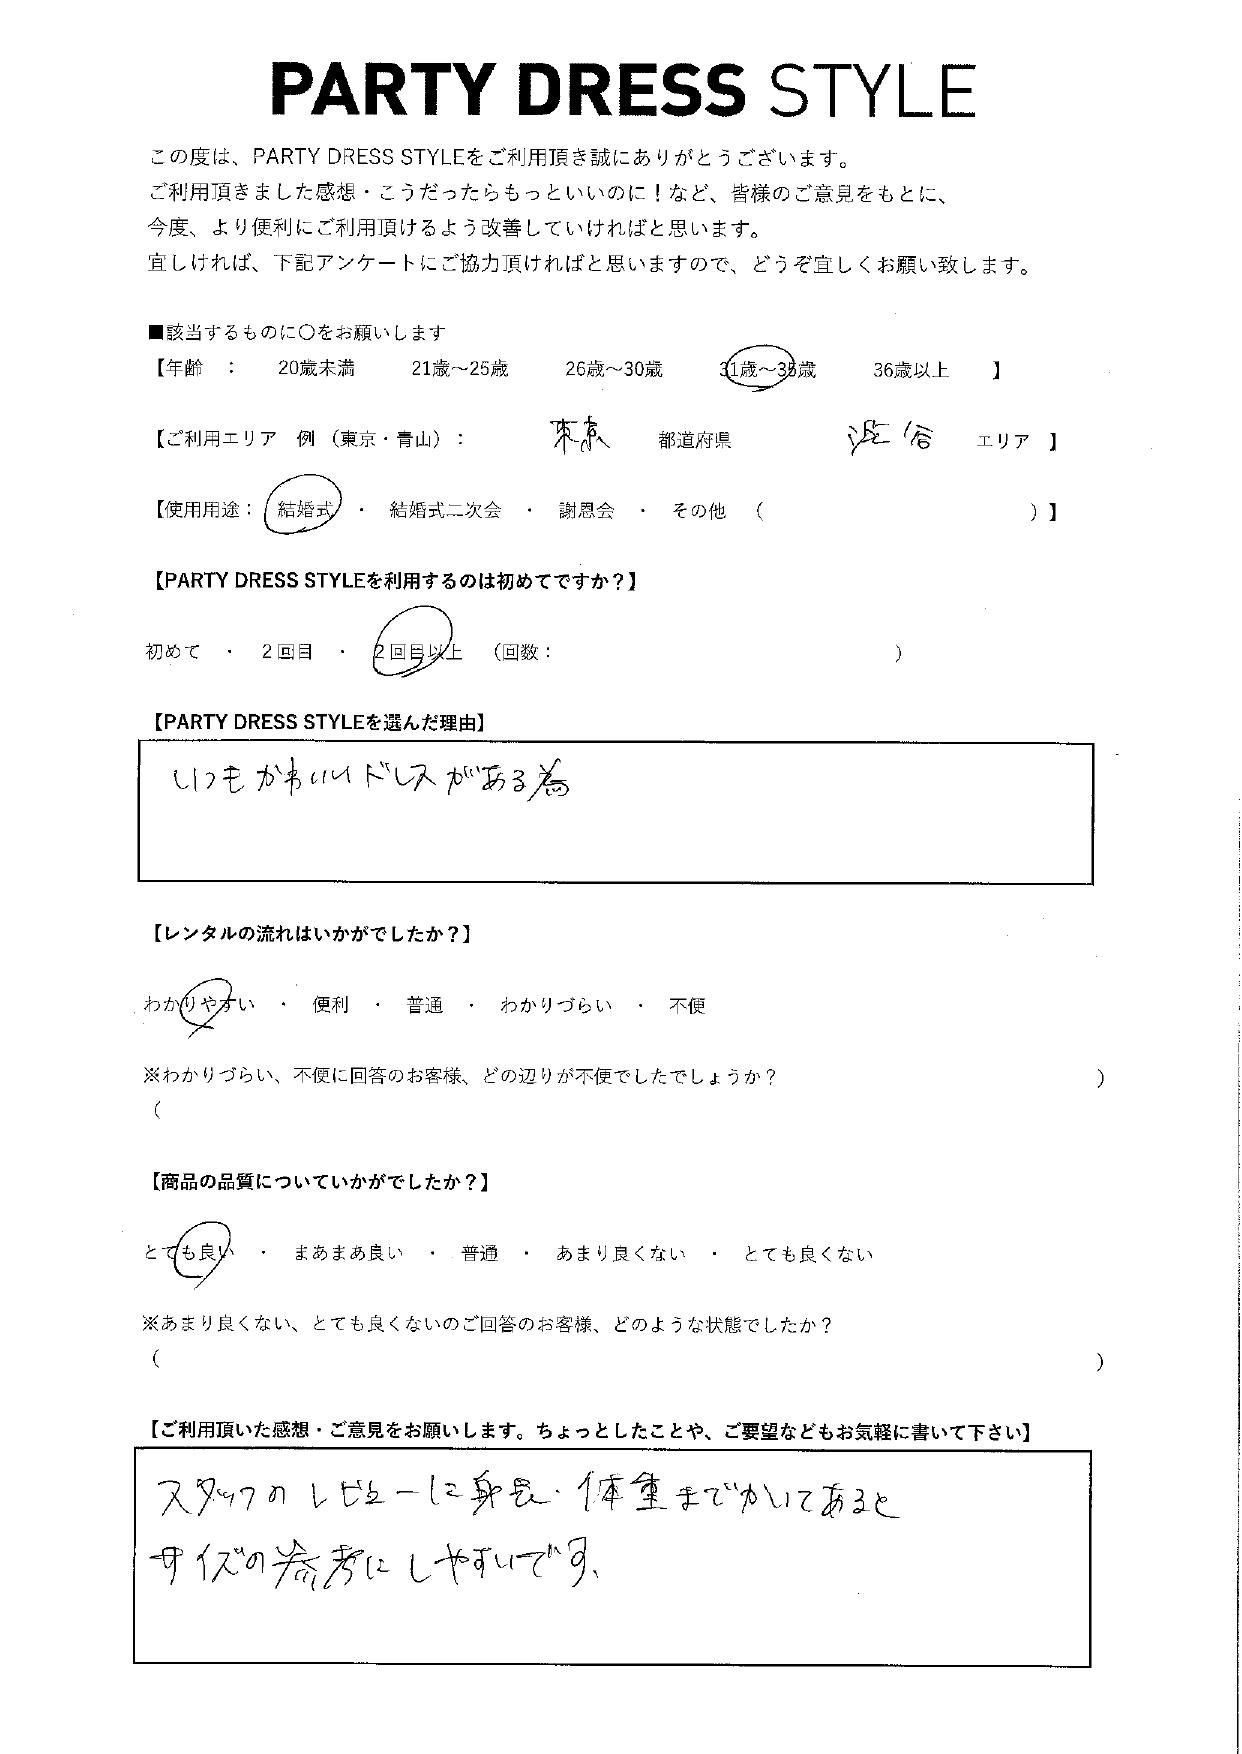 7/18結婚式ご利用 東京・渋谷エリア